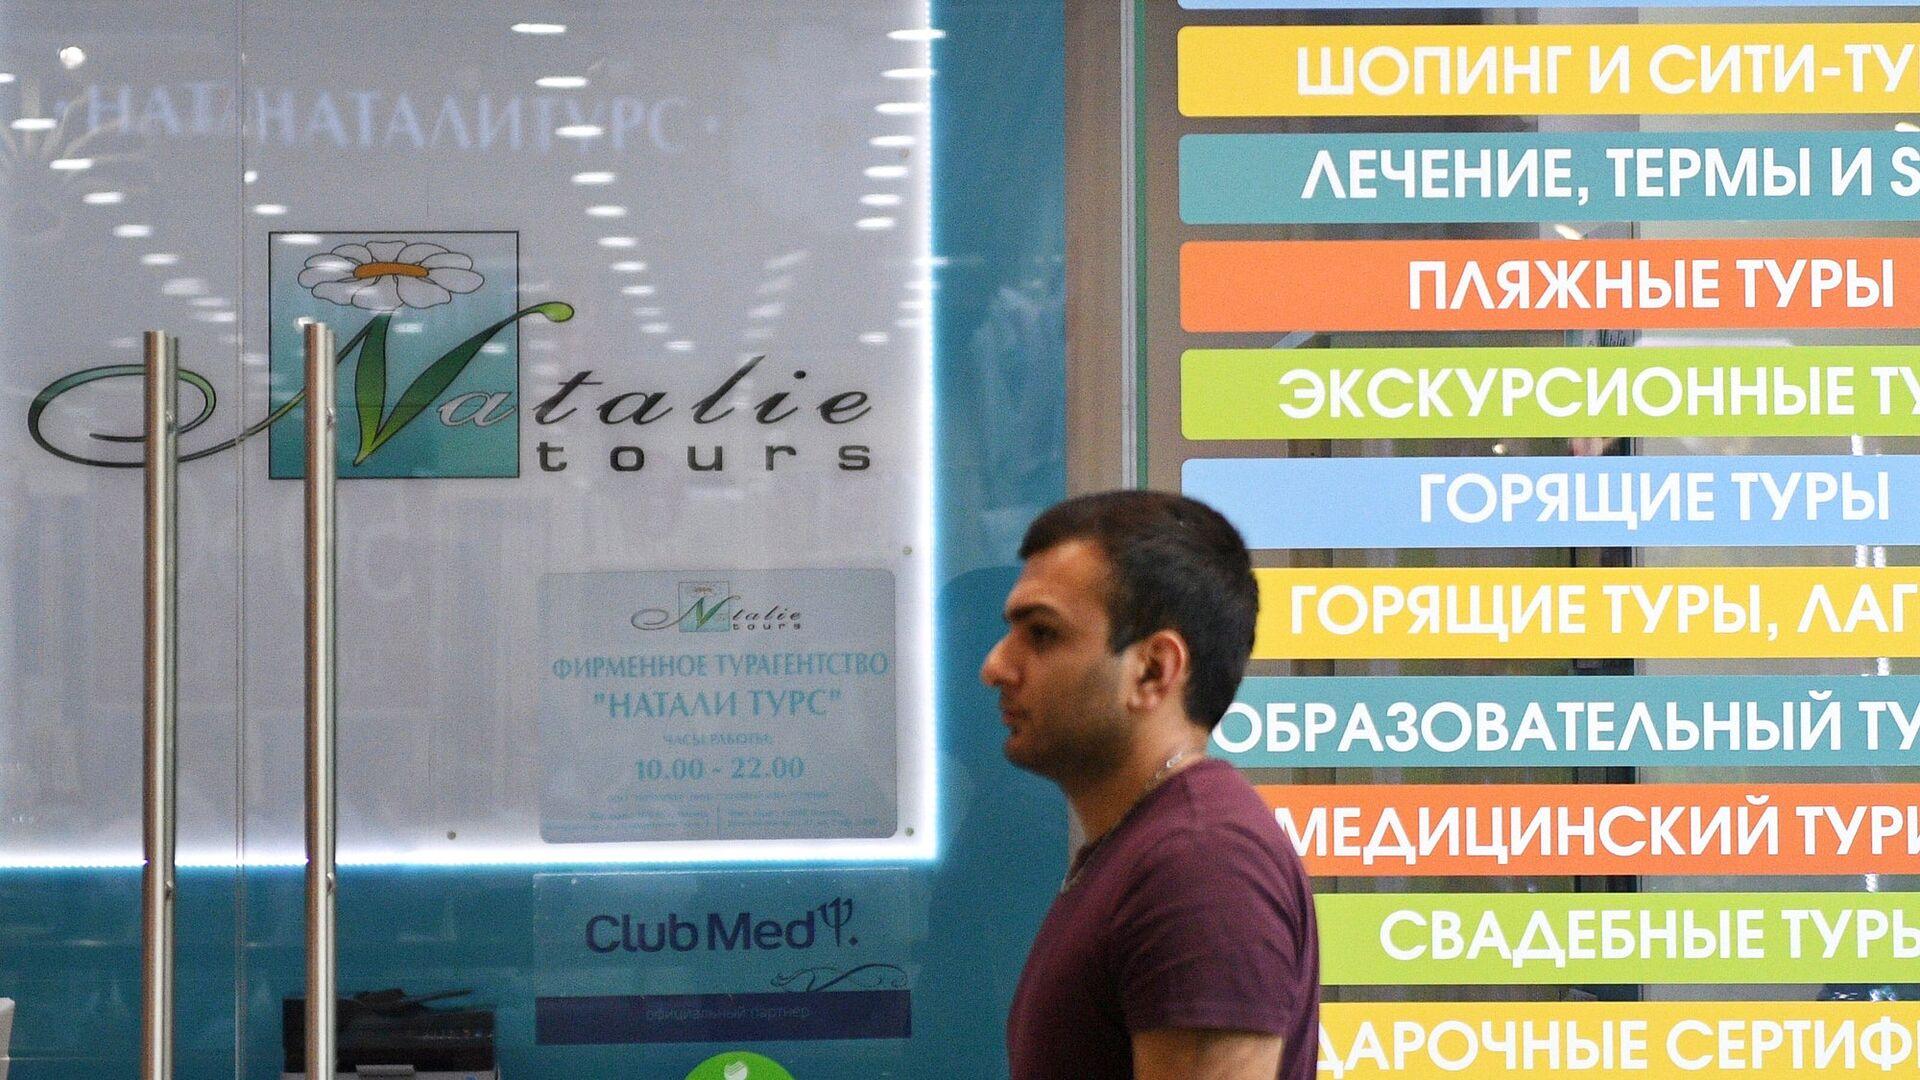 Ростуризм подготовил новые меры поддержки туроператоров